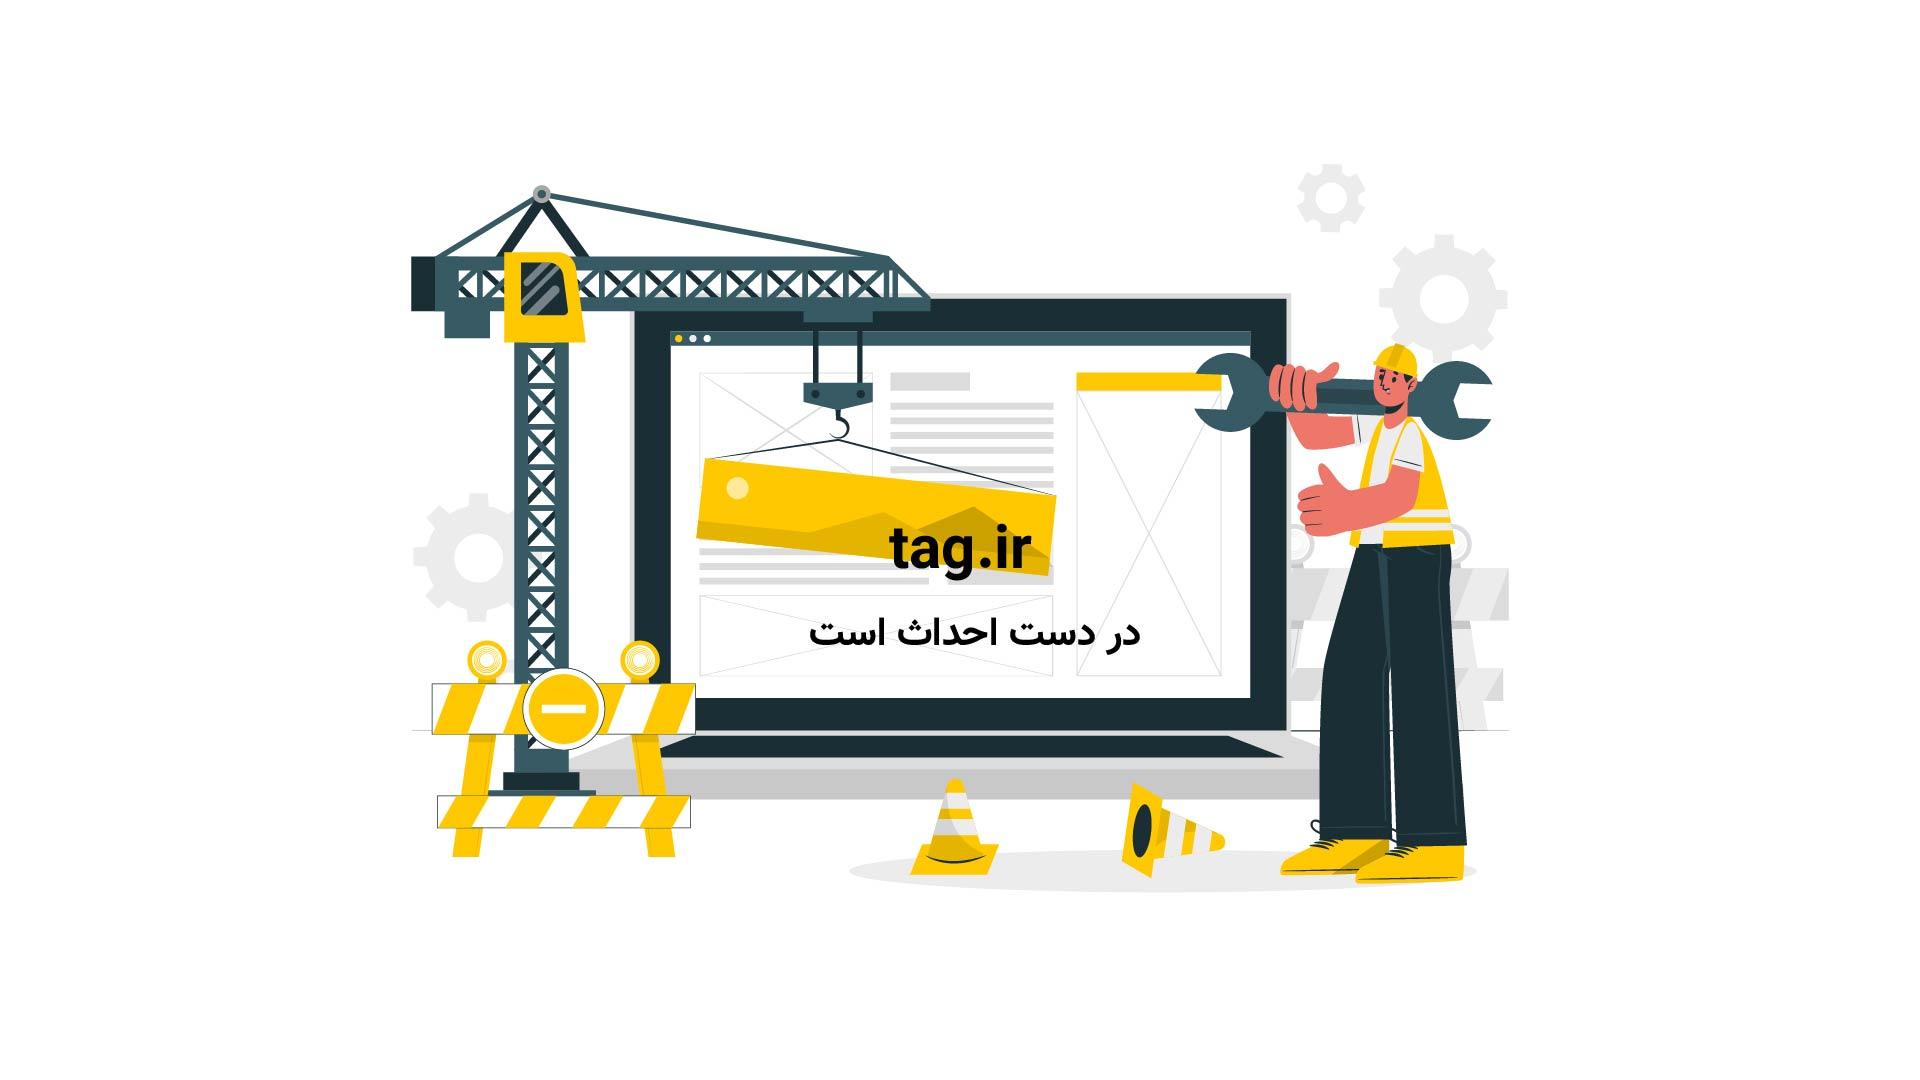 قلعه بابک؛ جاذبه گردشگری استان آذربایجان شرقی | فیلم